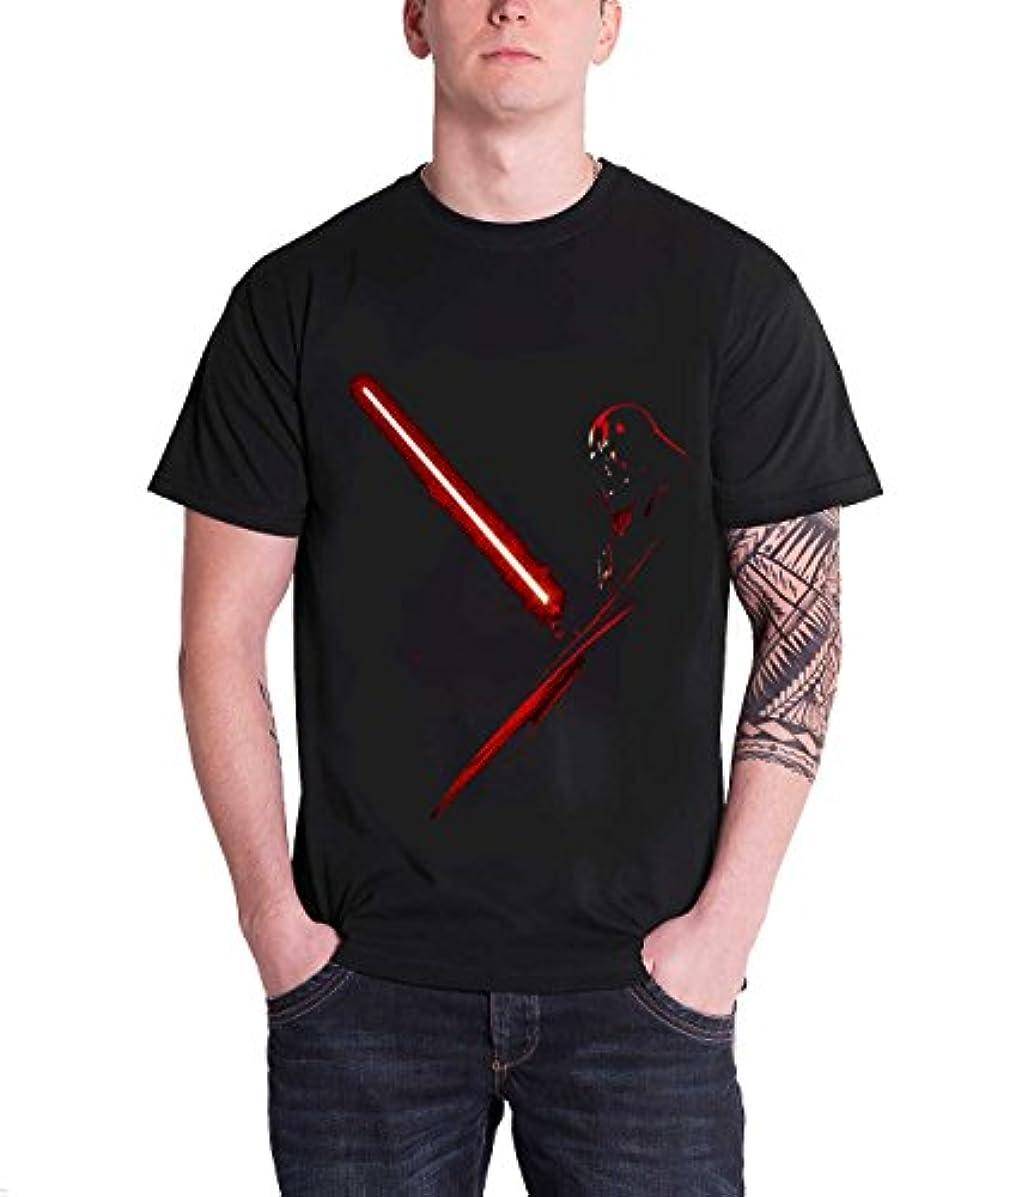 講義話す出口Star Wars スターウォーズ Vader Shadow 公式 メンズ ブラック 黒 Tシャツ